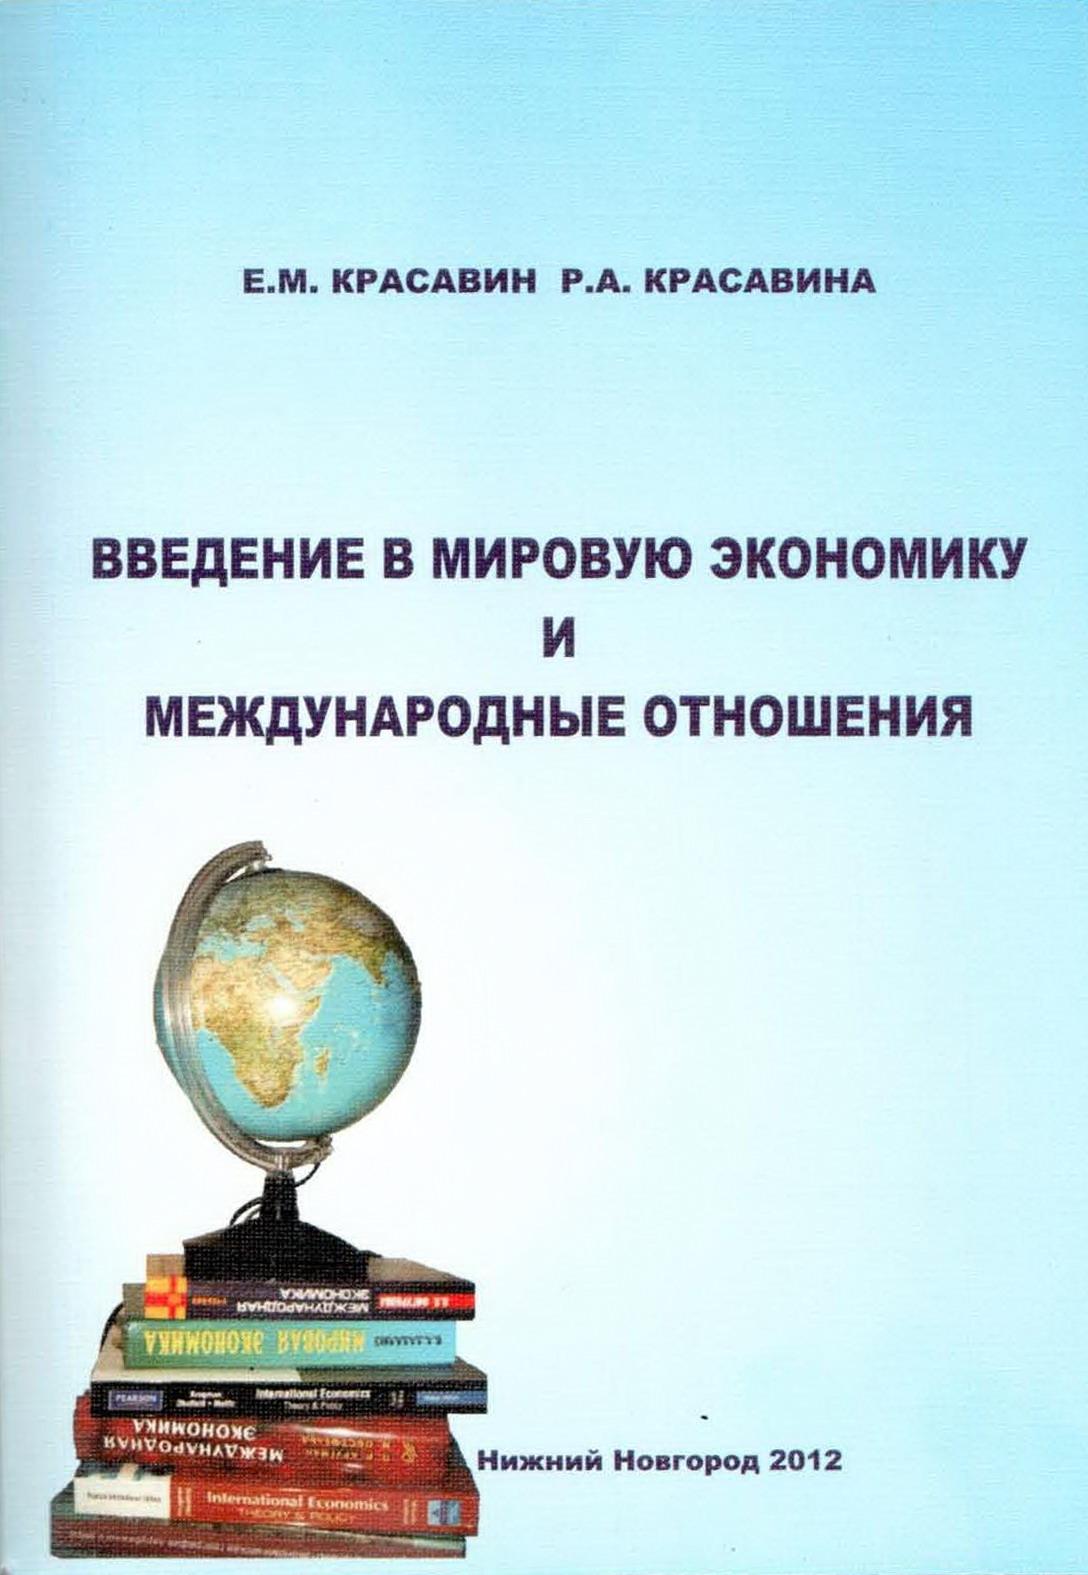 Введение в мировую экономику и международные отношения